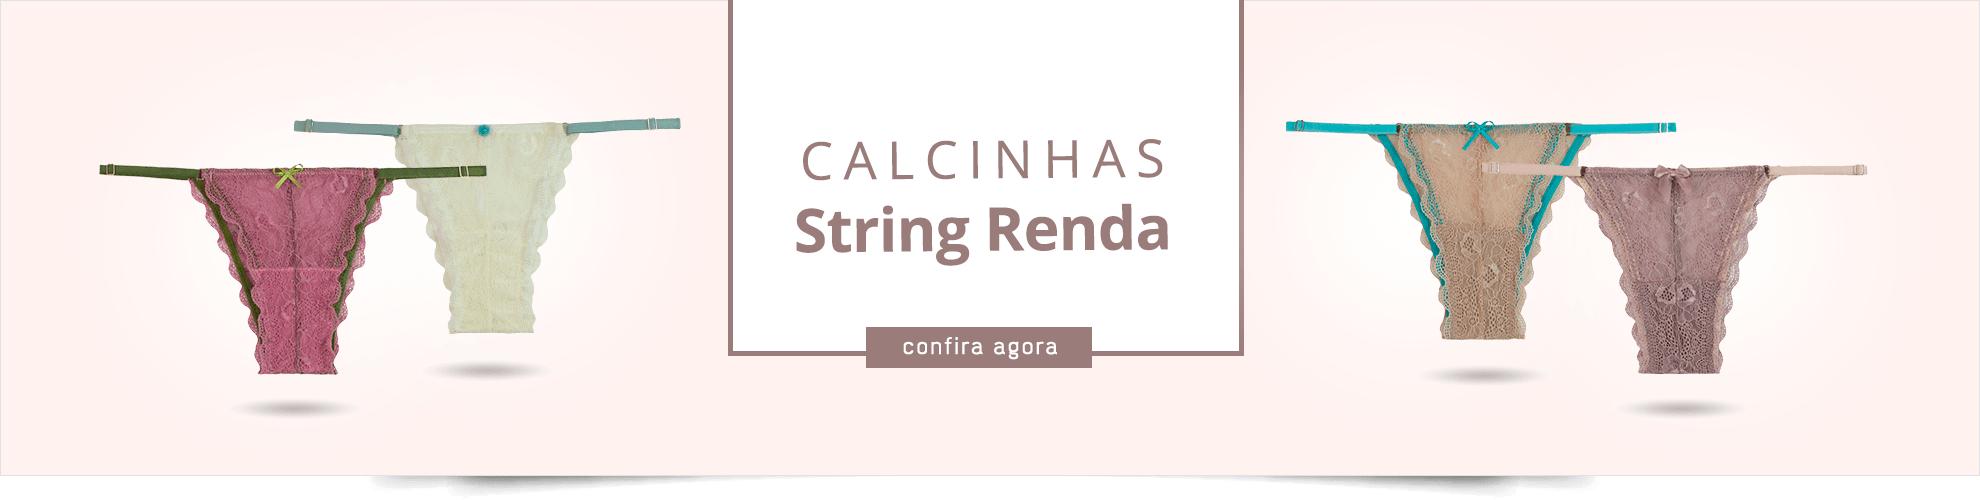 Strings Roupa de Baixo